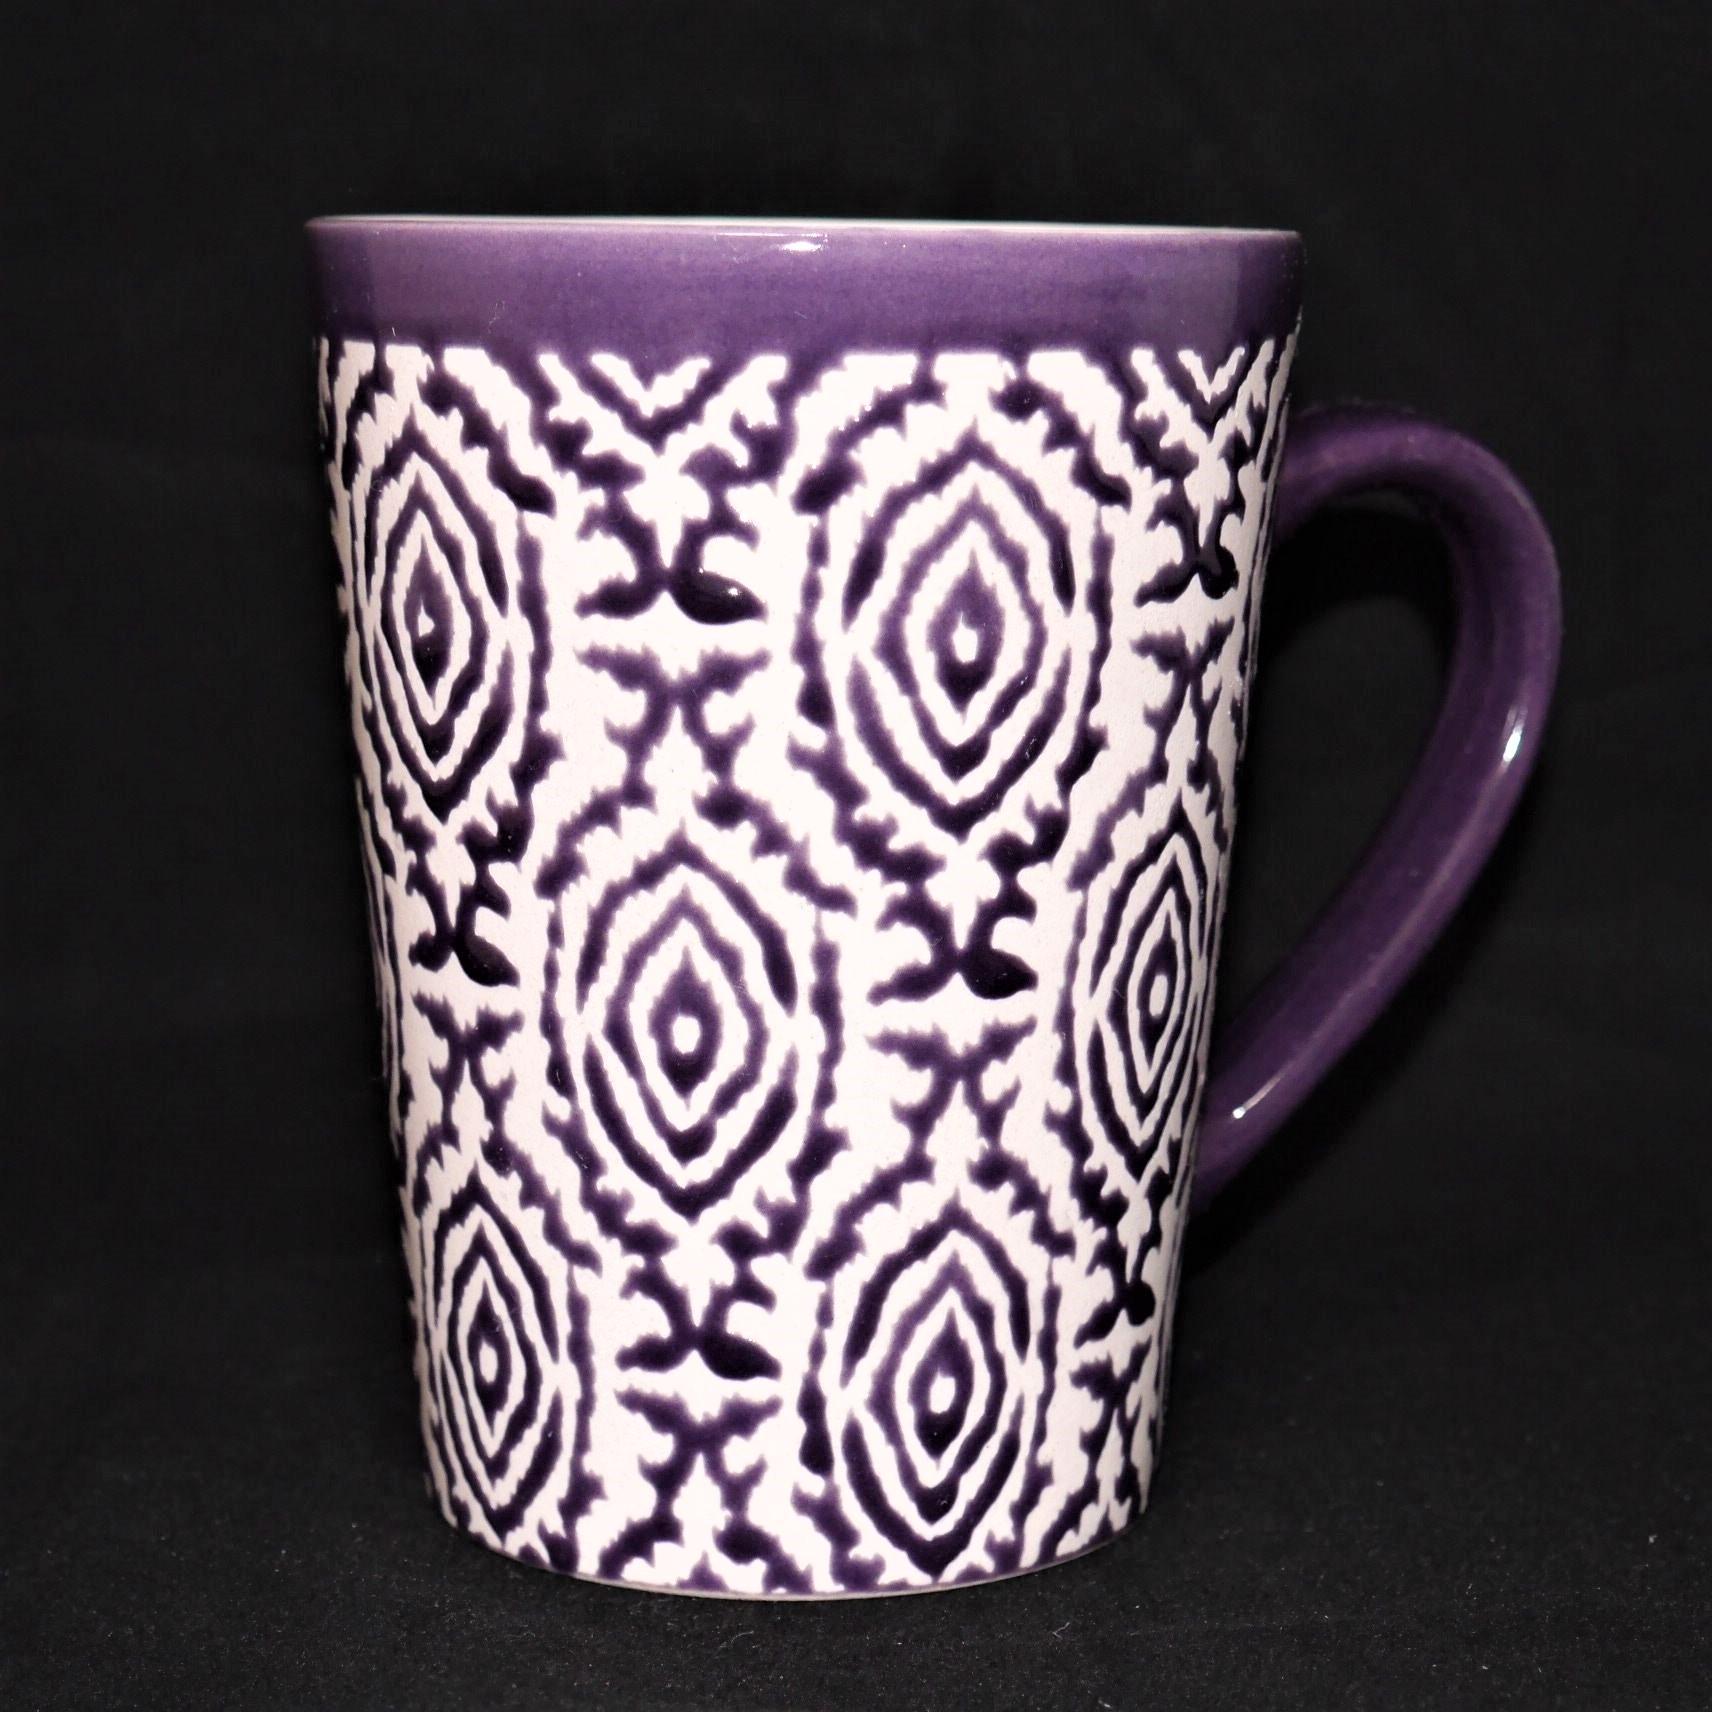 馬克杯紫色幾何紋500ml【曉風】